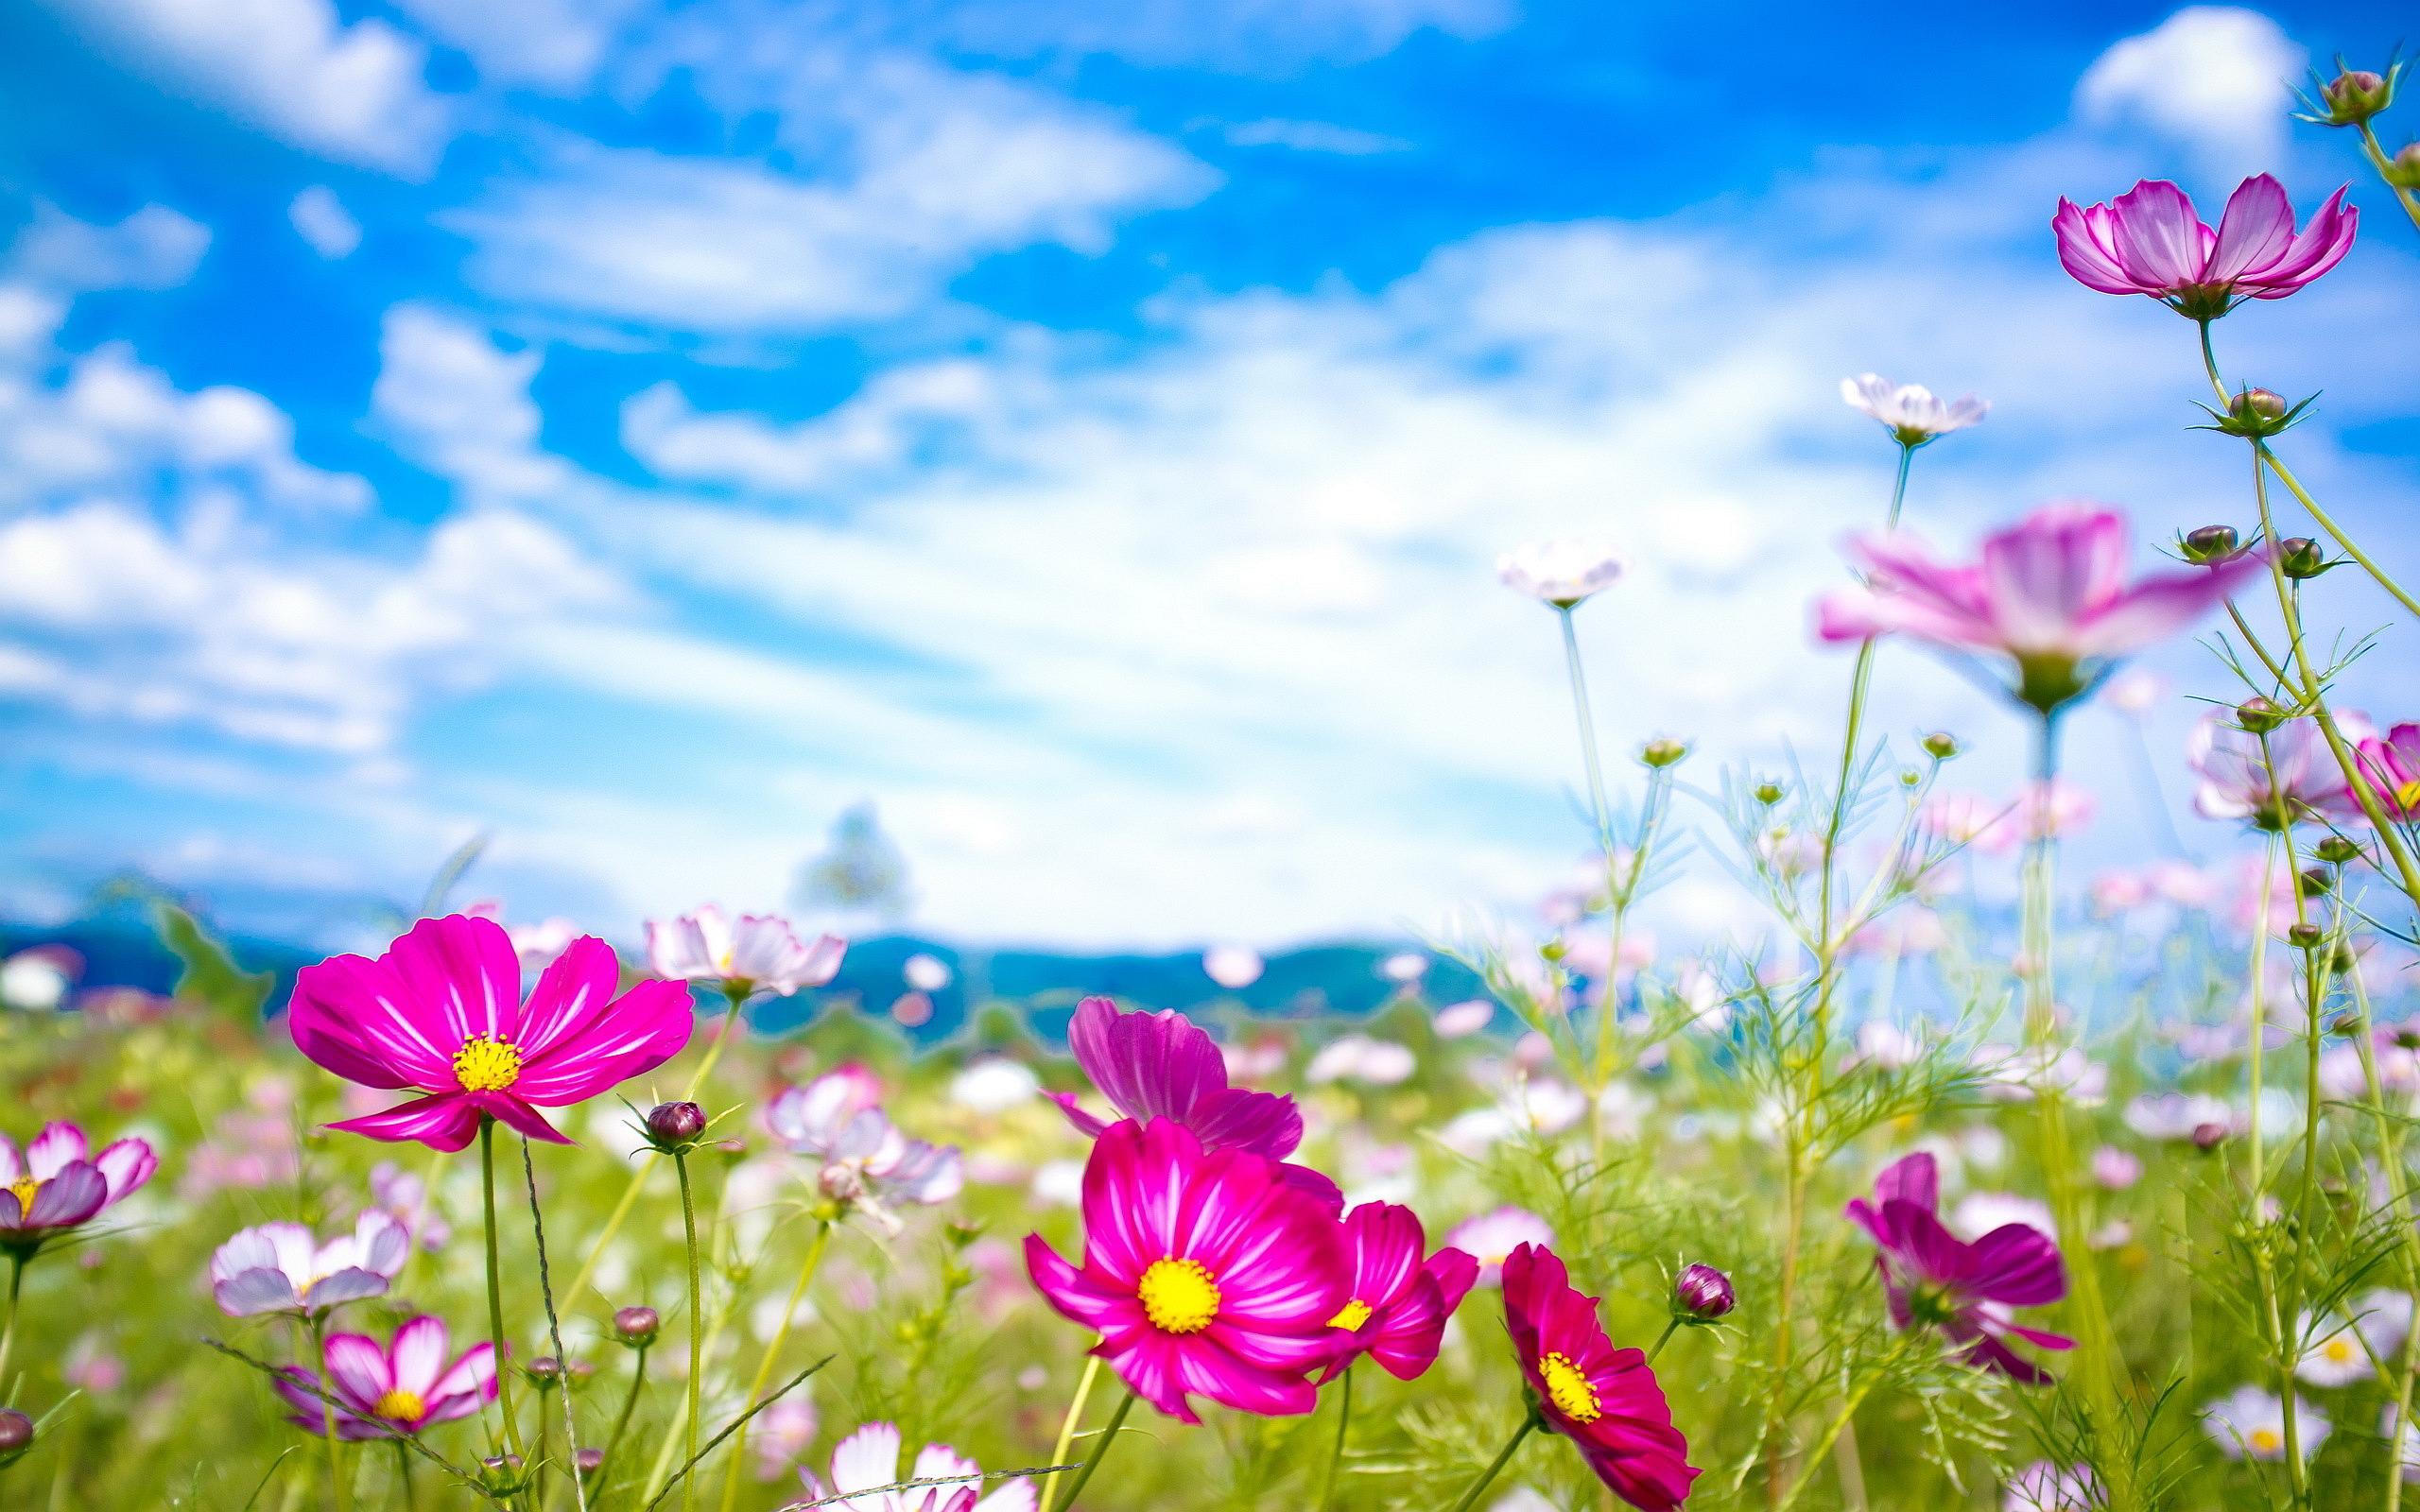 summer wallpaper pink flowers